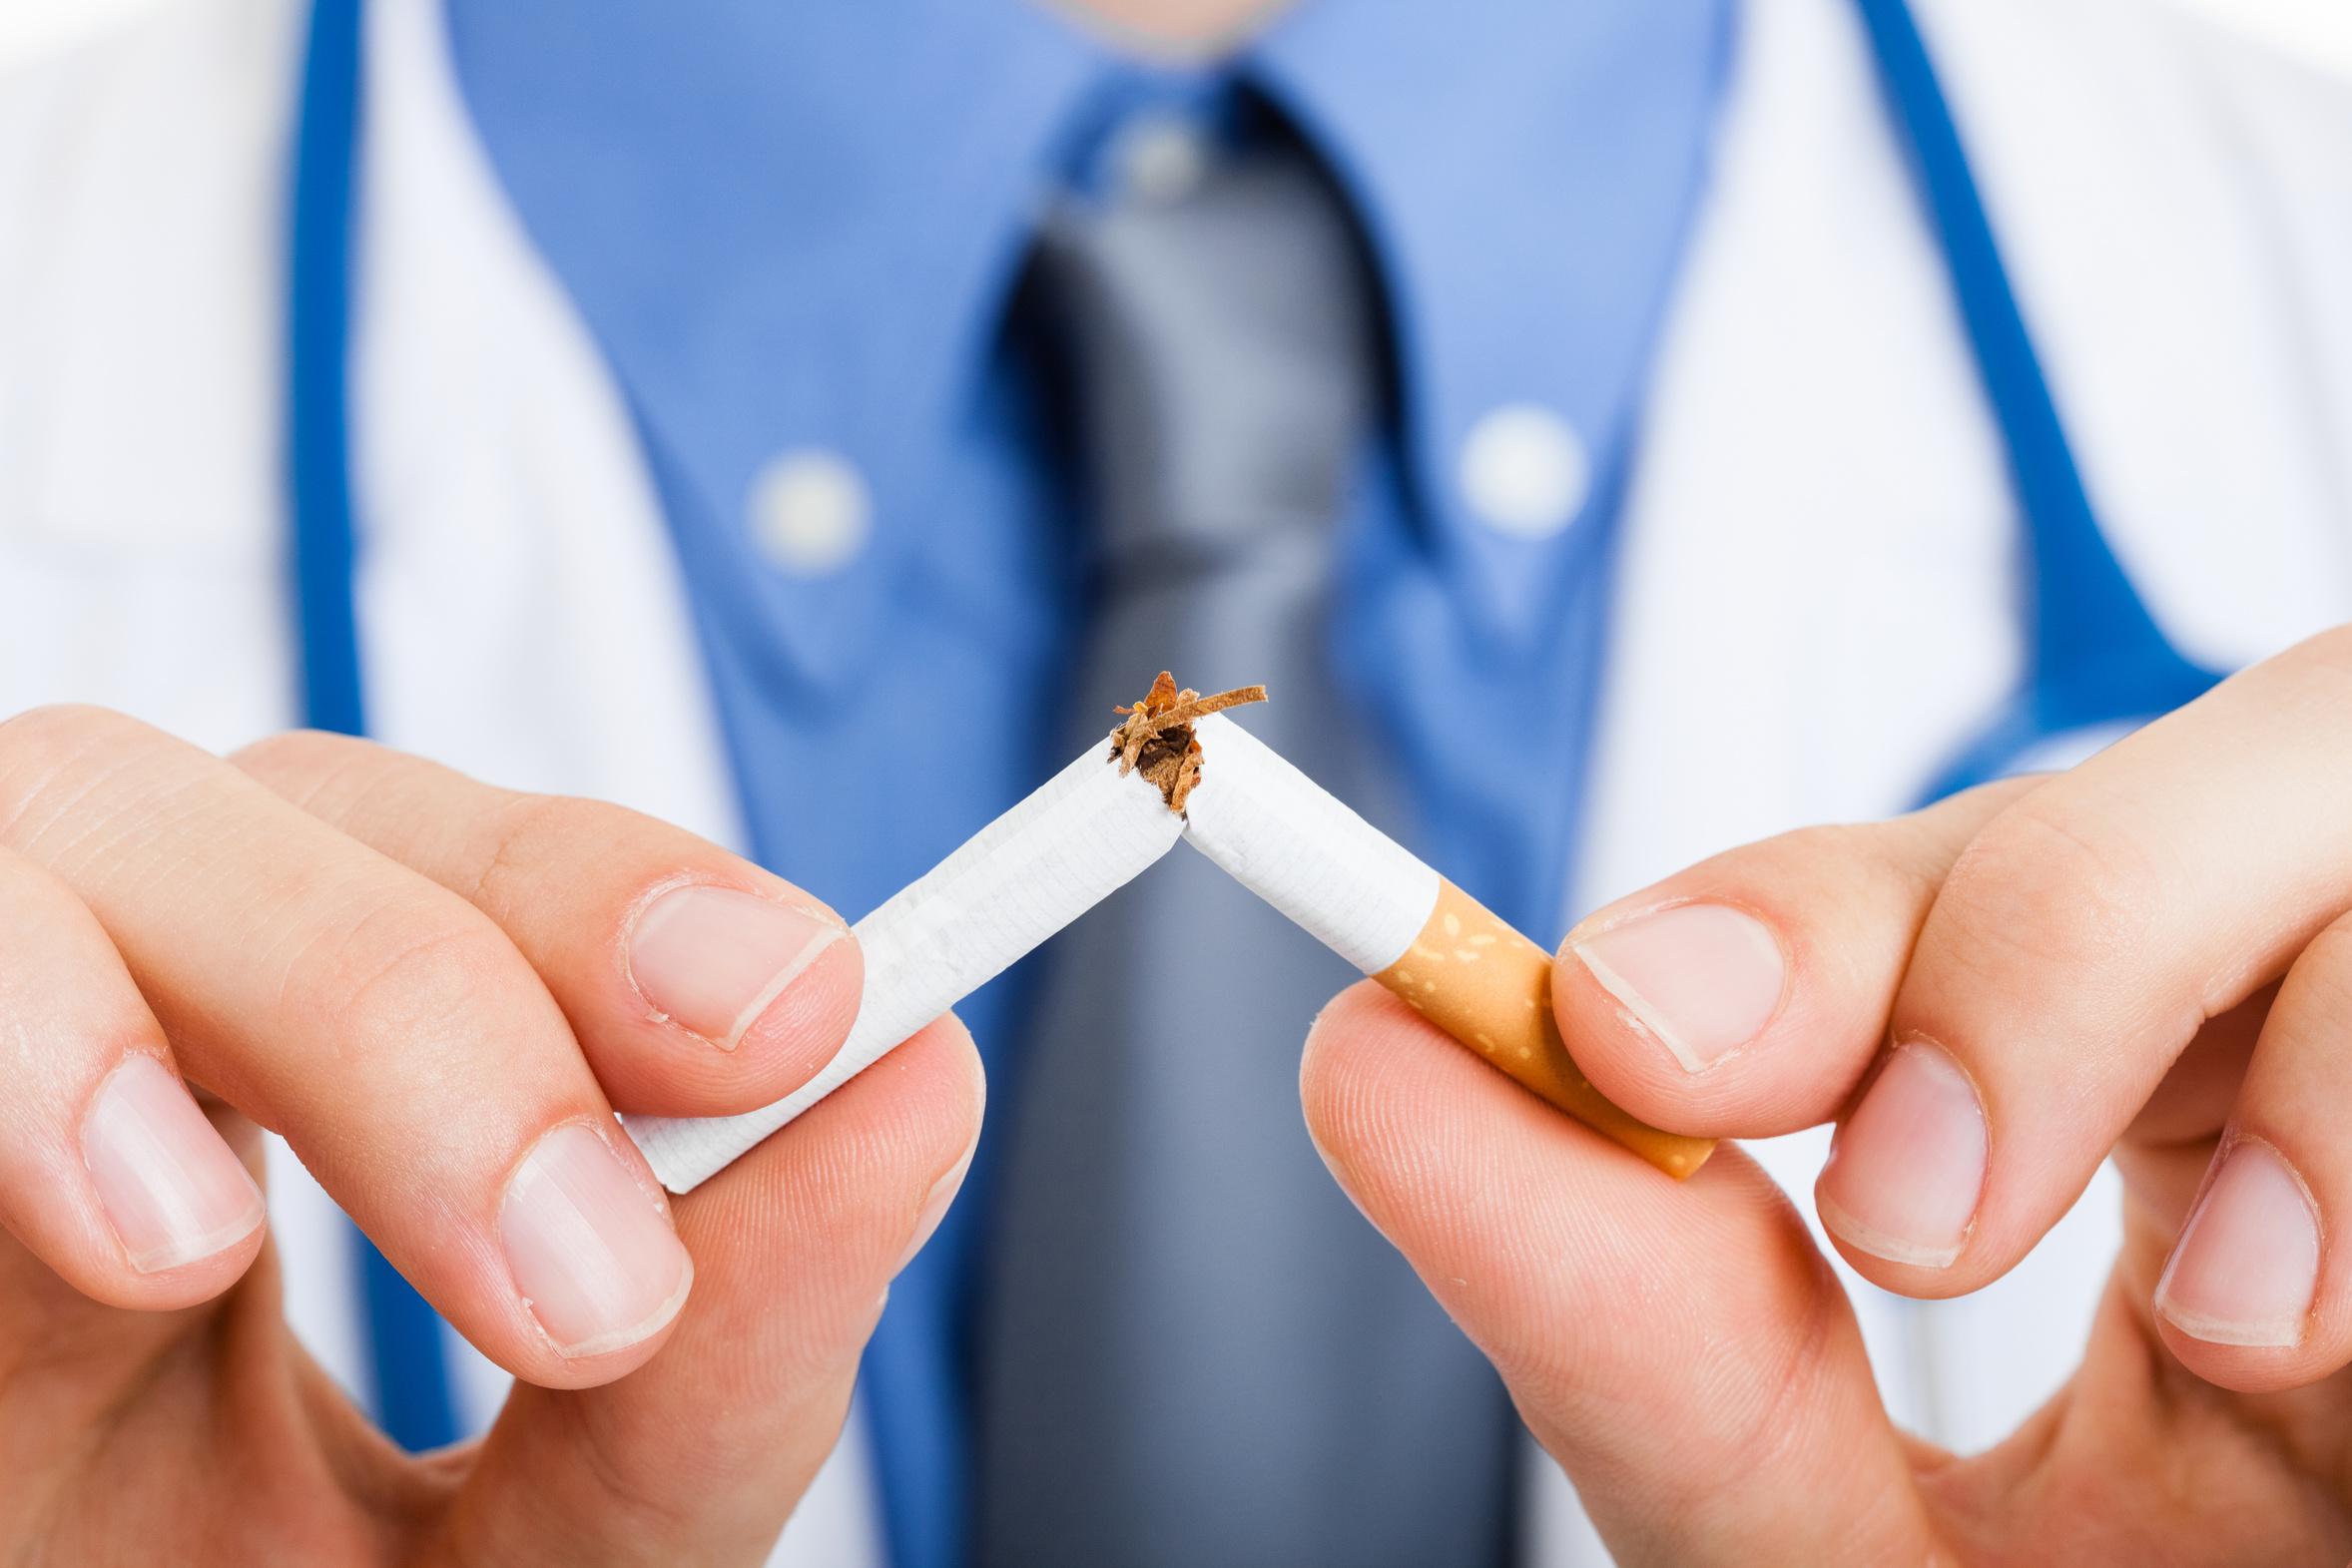 Спряхме цигарите заради мама. Сега е твой ред, брато!